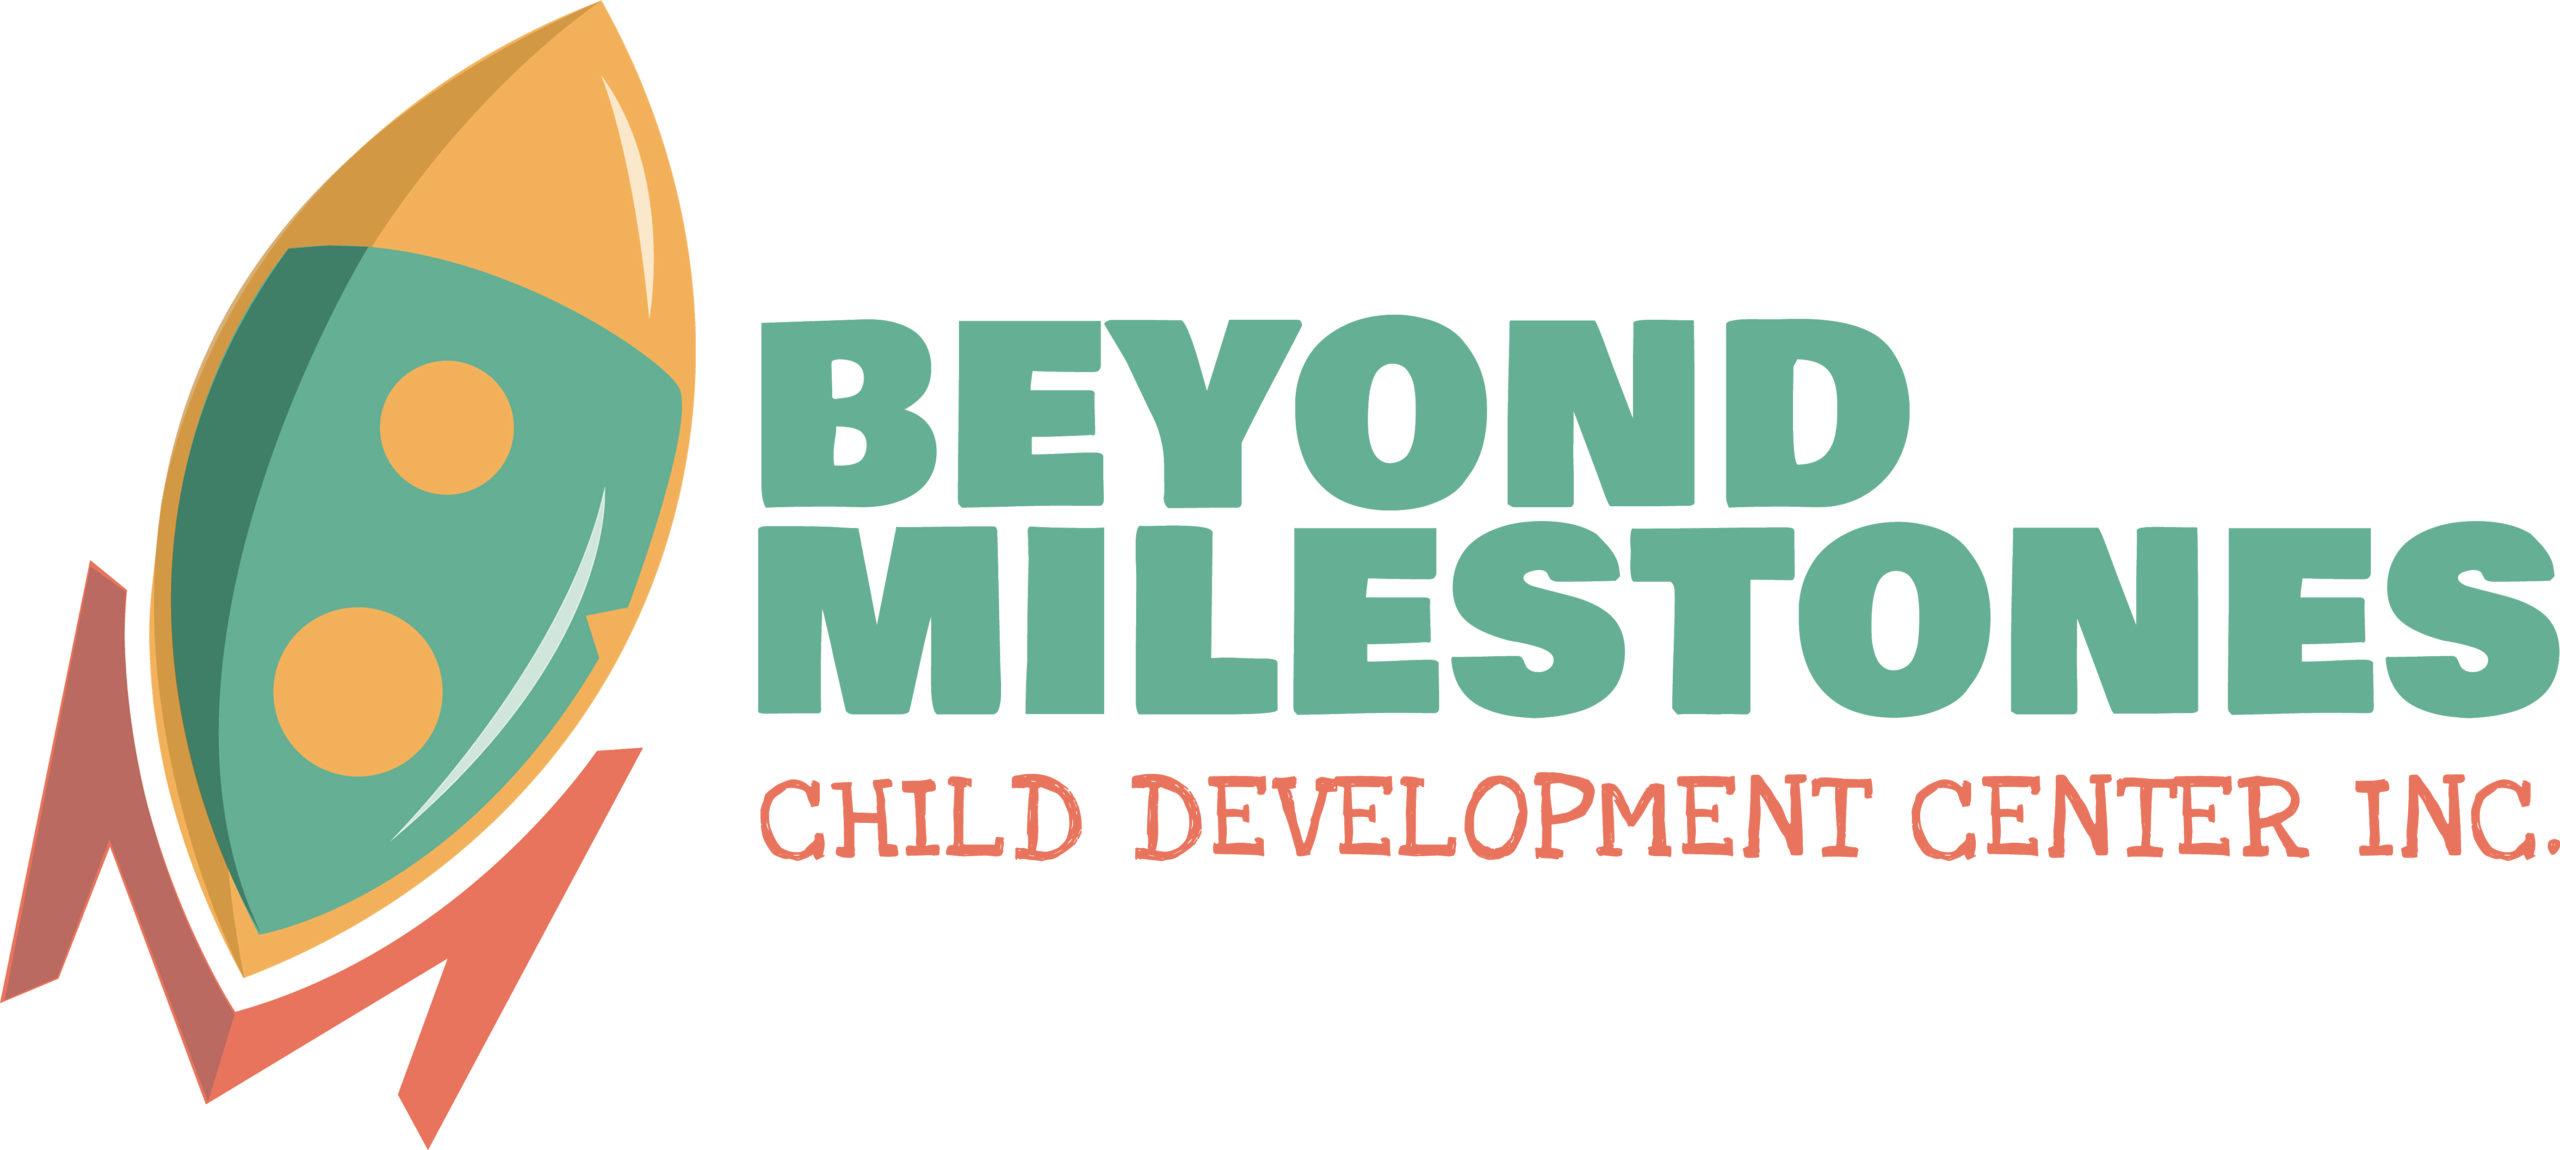 Beyond Milestones Child Development Center